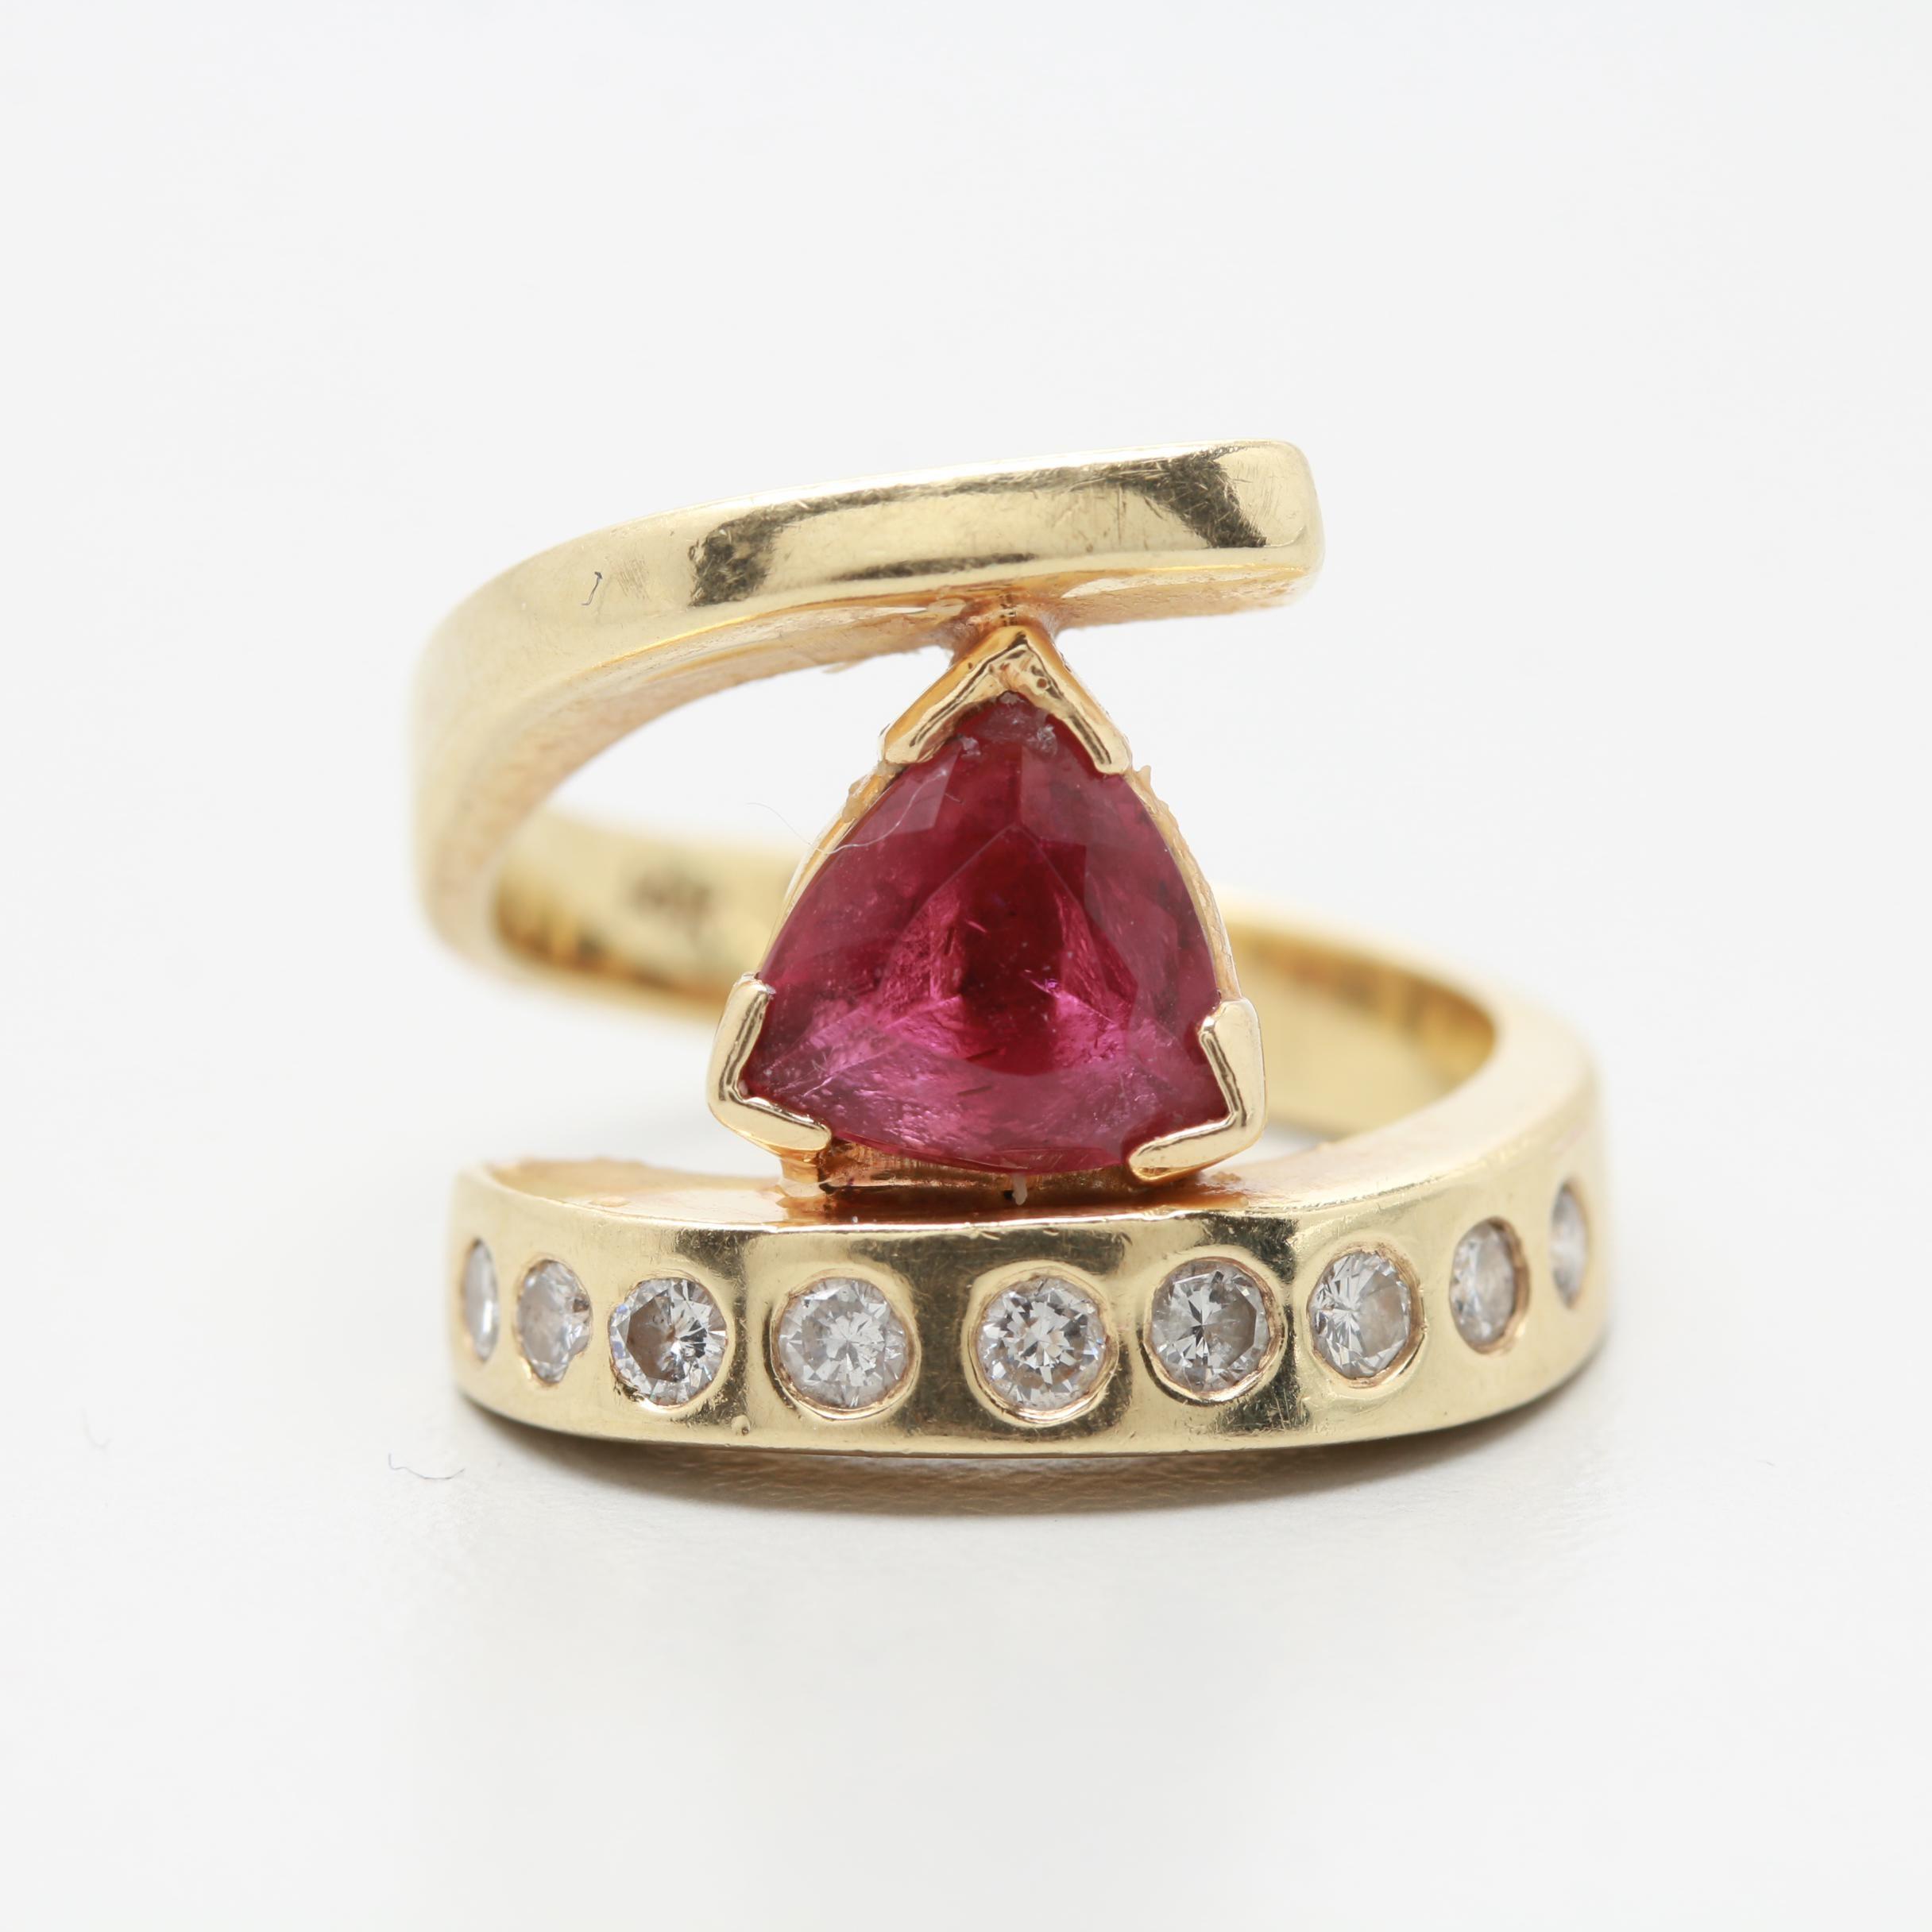 14K Yellow Gold Pink Tourmaline and Diamond Bypass Ring